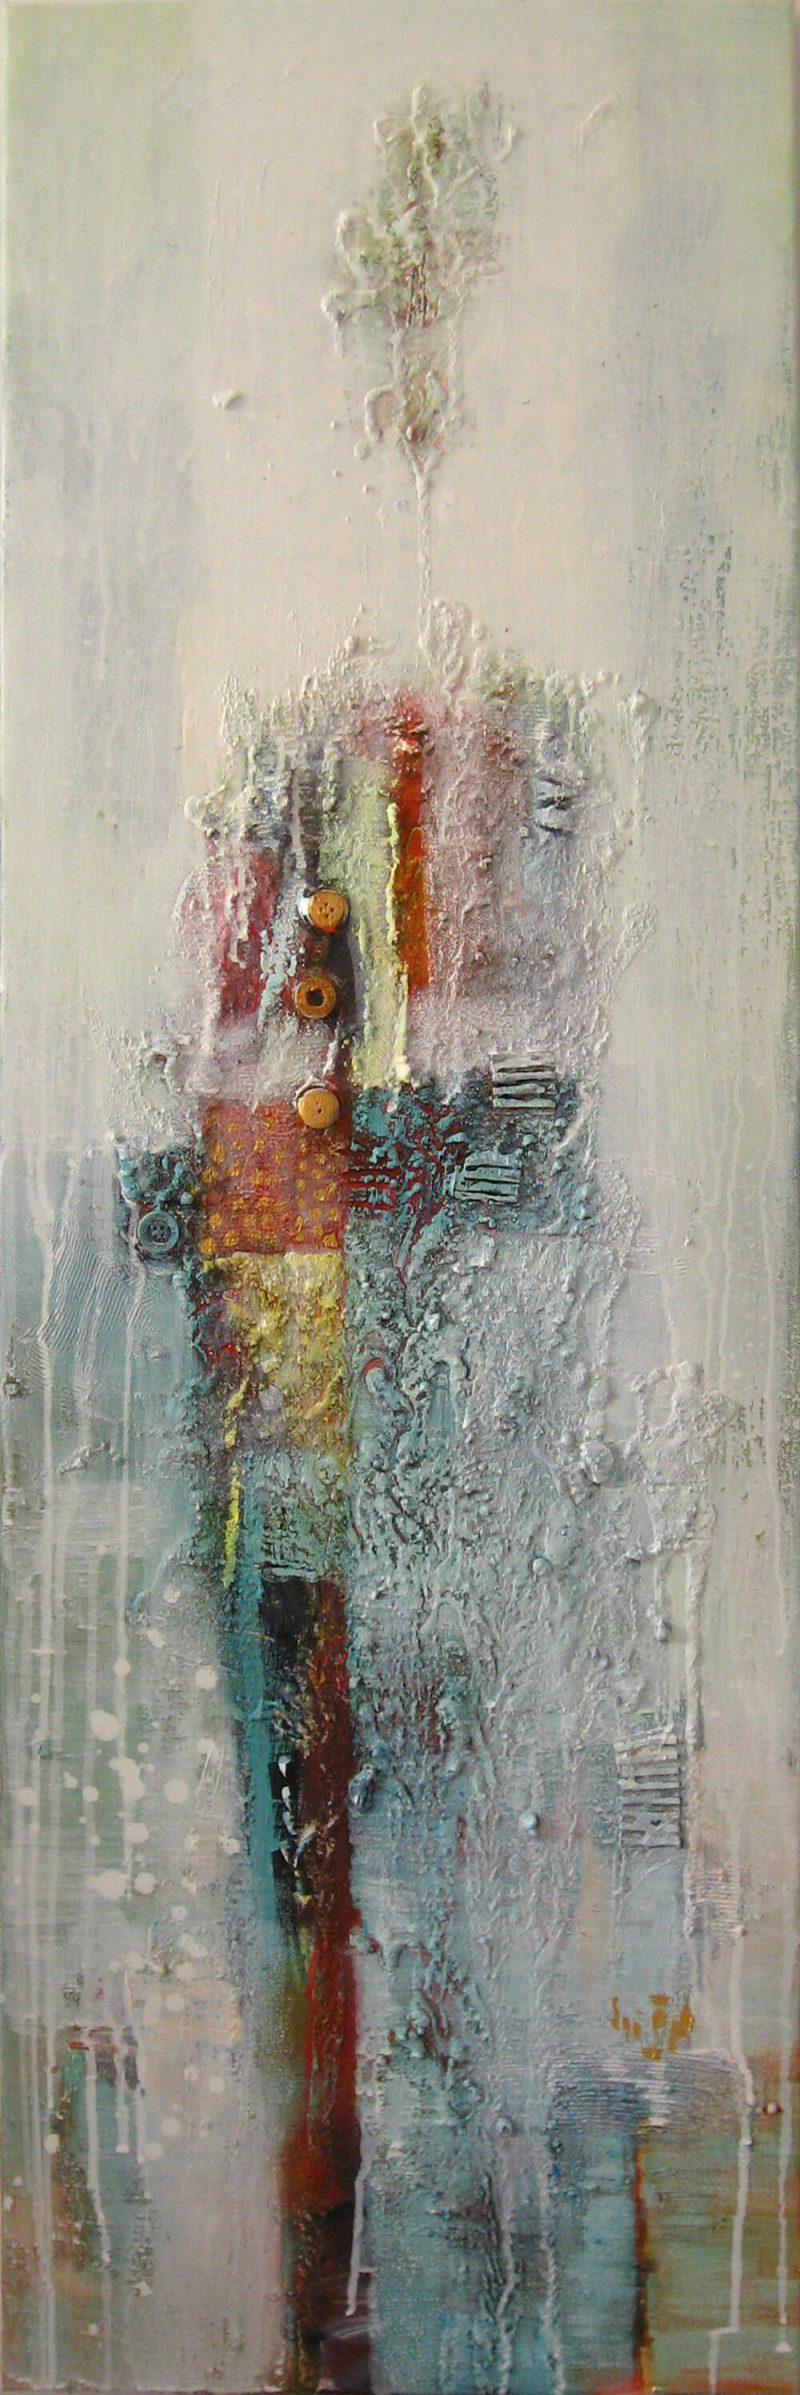 Untitled 4, Artworks in Vietnam